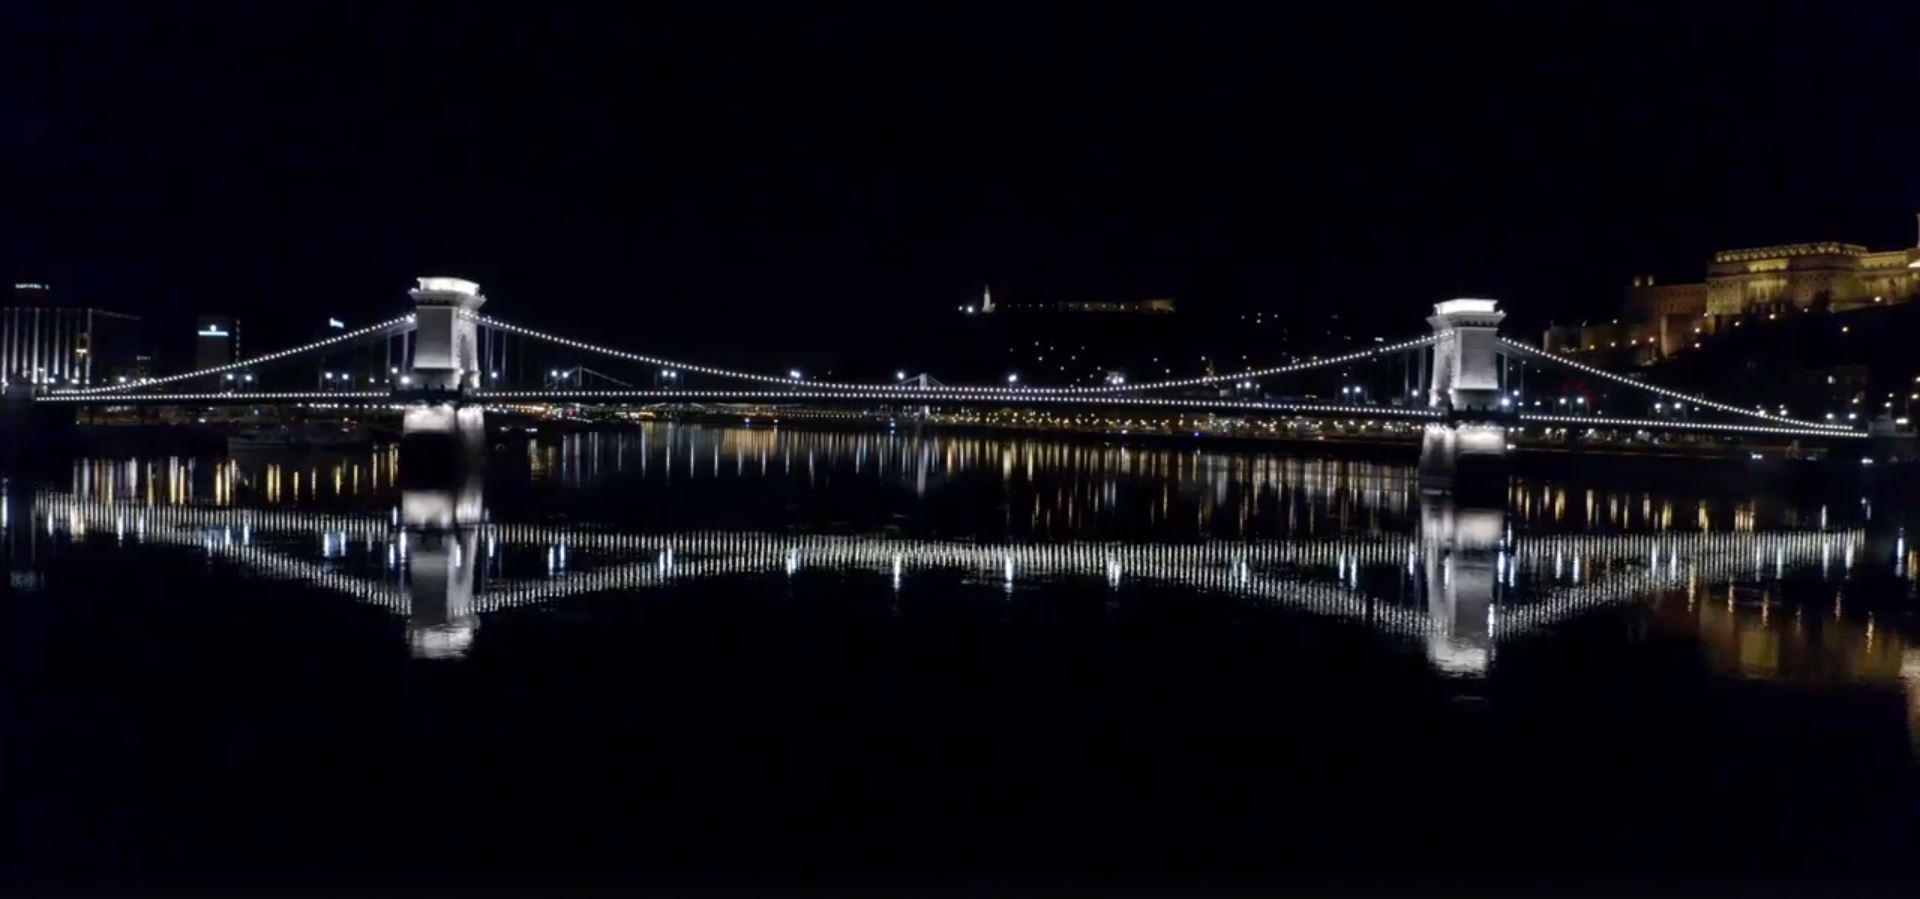 Coronavirus: Chain Bridge Illuminated with White Light in Nod to Healthcare Workers